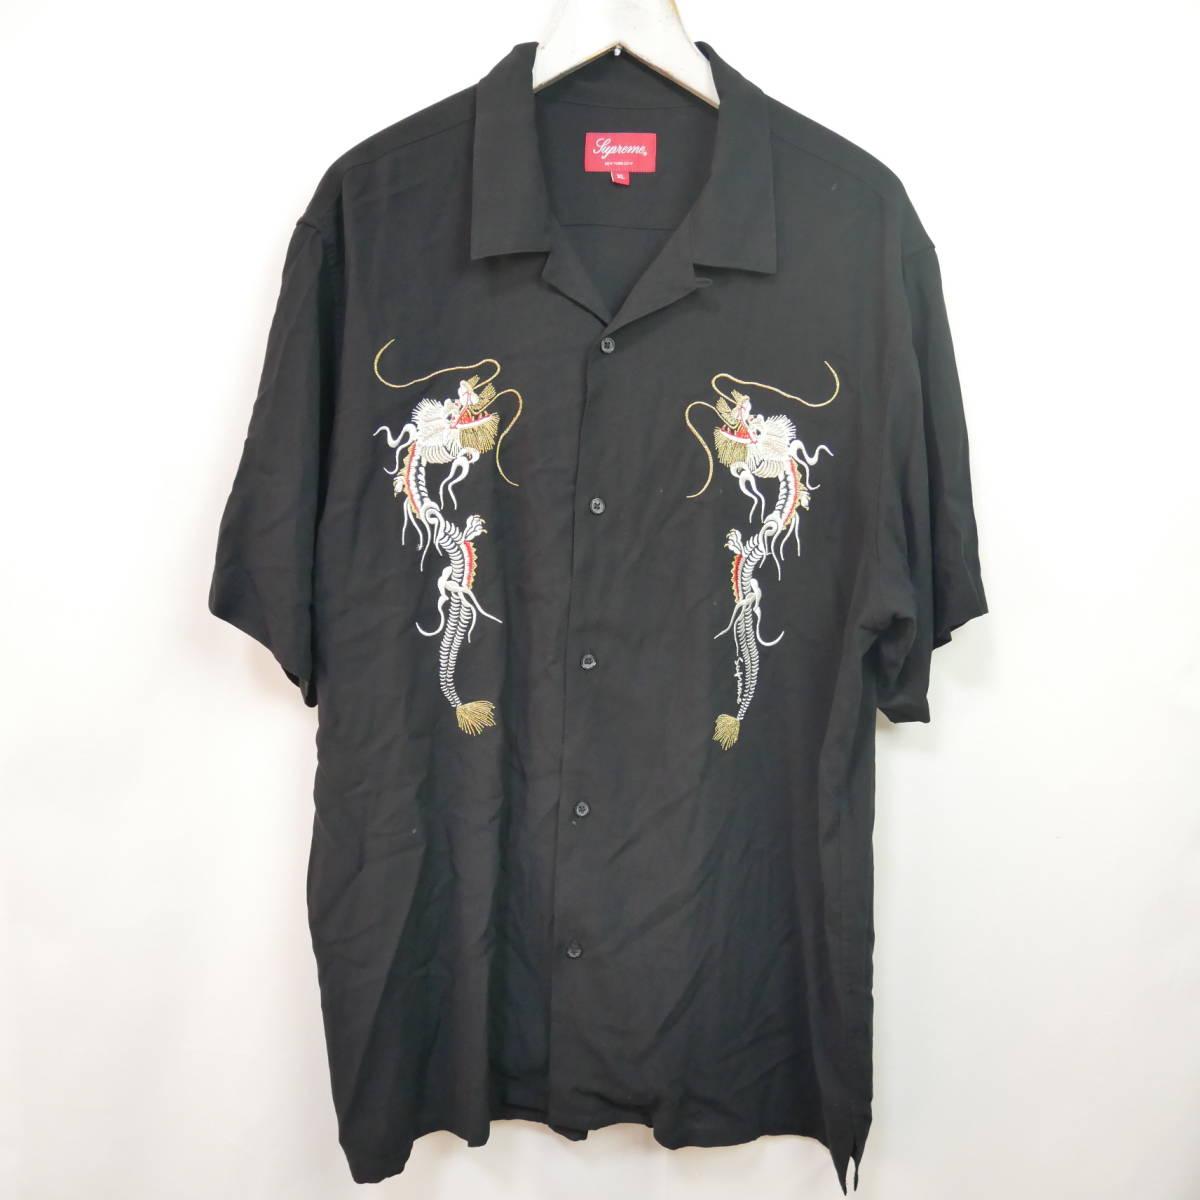 【1円】良好 国内正規 Supreme 18AW 18FW Dragon Rayon Shirt ドラゴンレーヨンシャツ Black 黒 XL